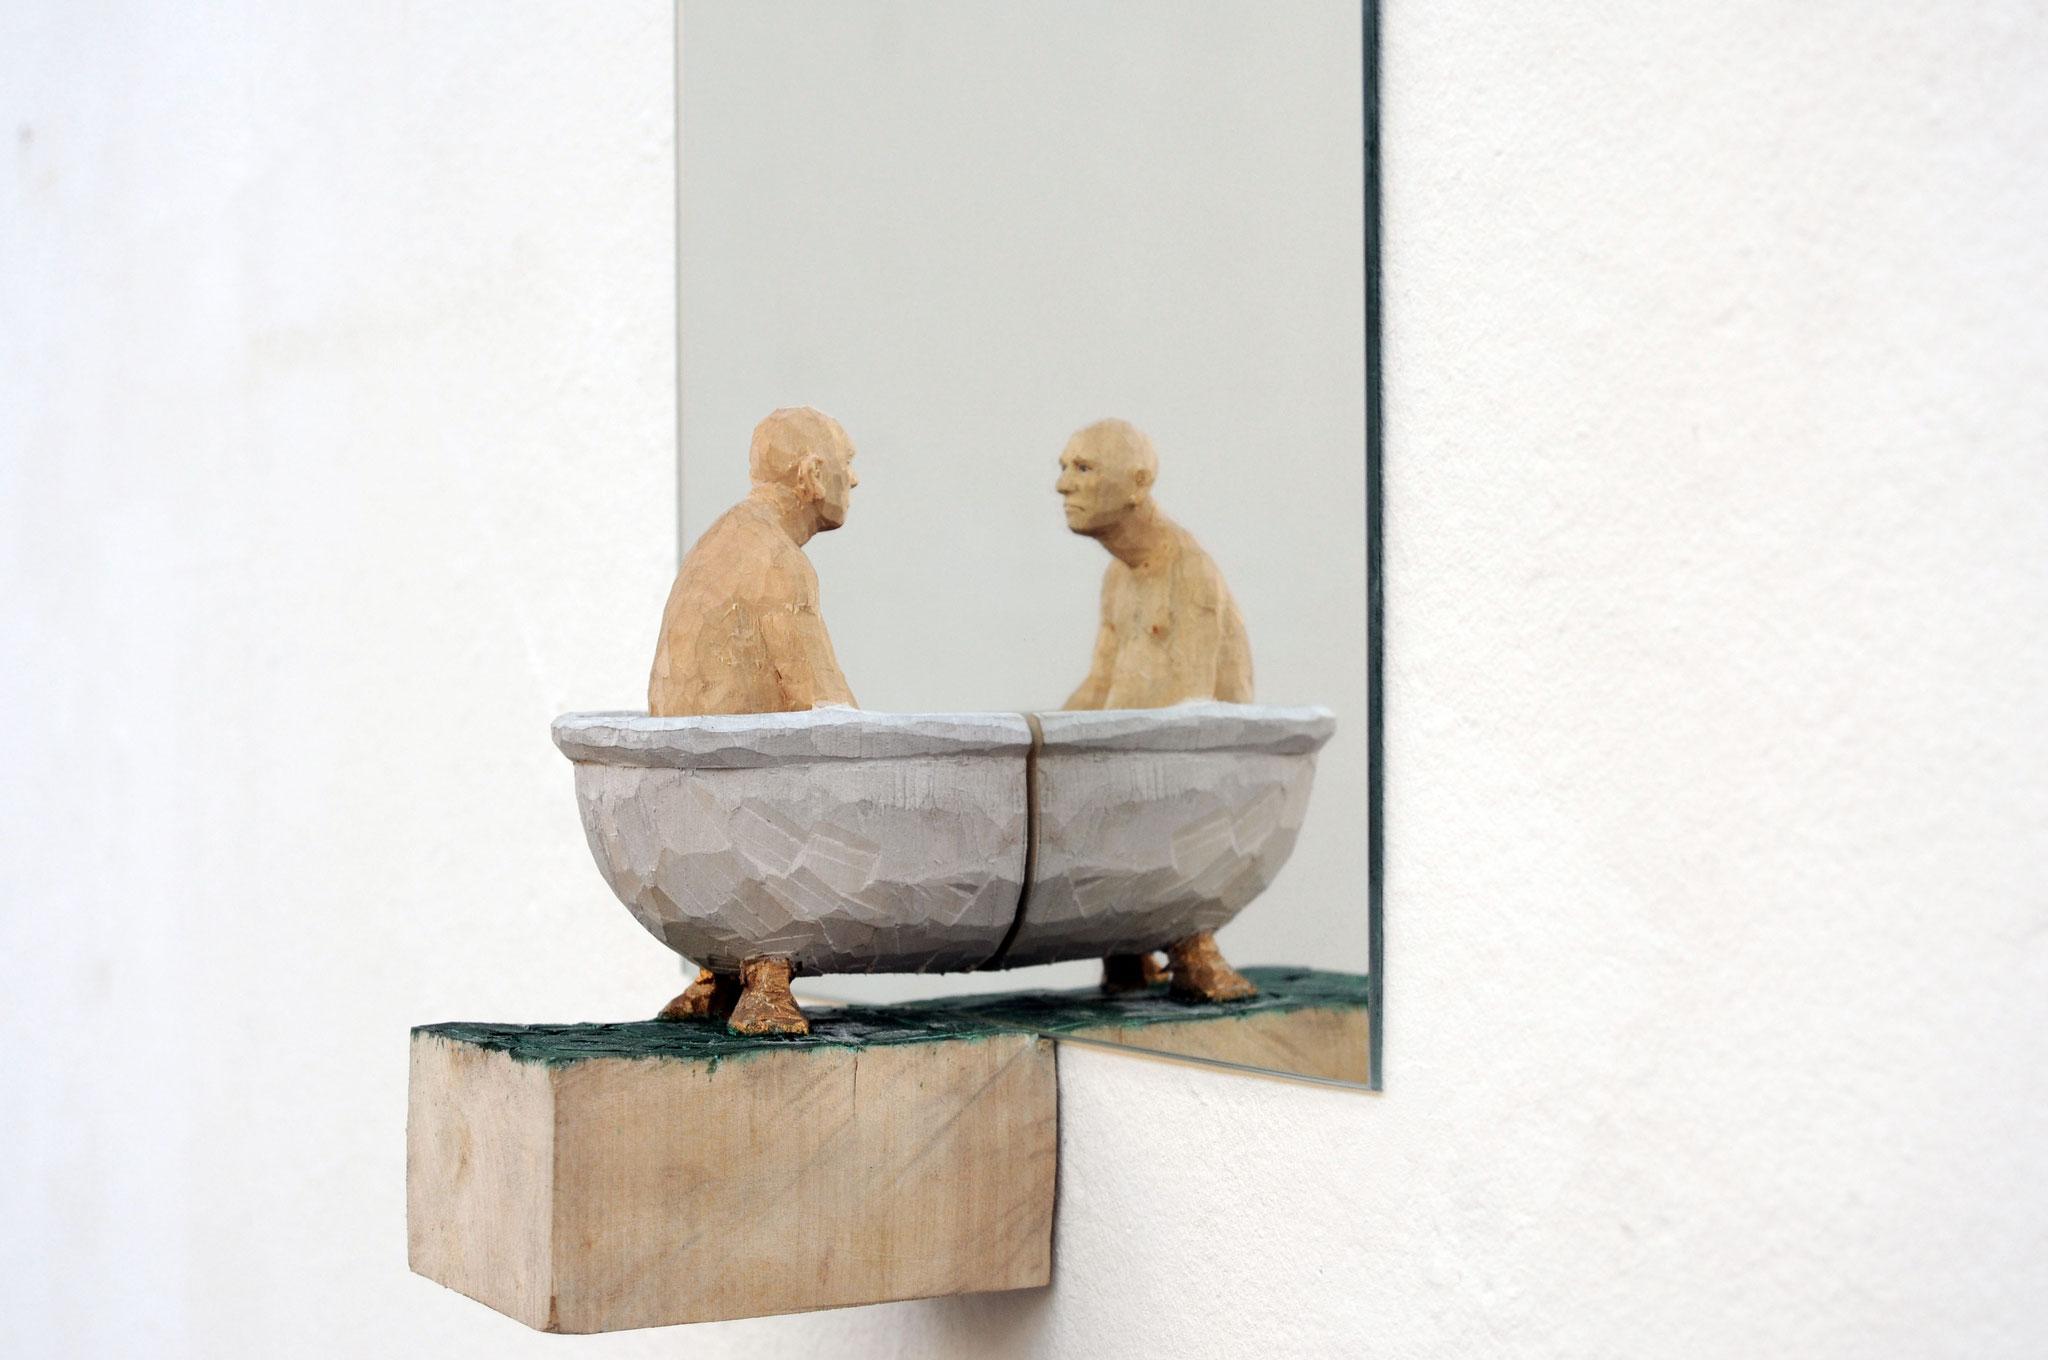 Spiegelbild 5, Mann in Wanne  I  Lindenholz, Farbe, Spiegel  I  2017